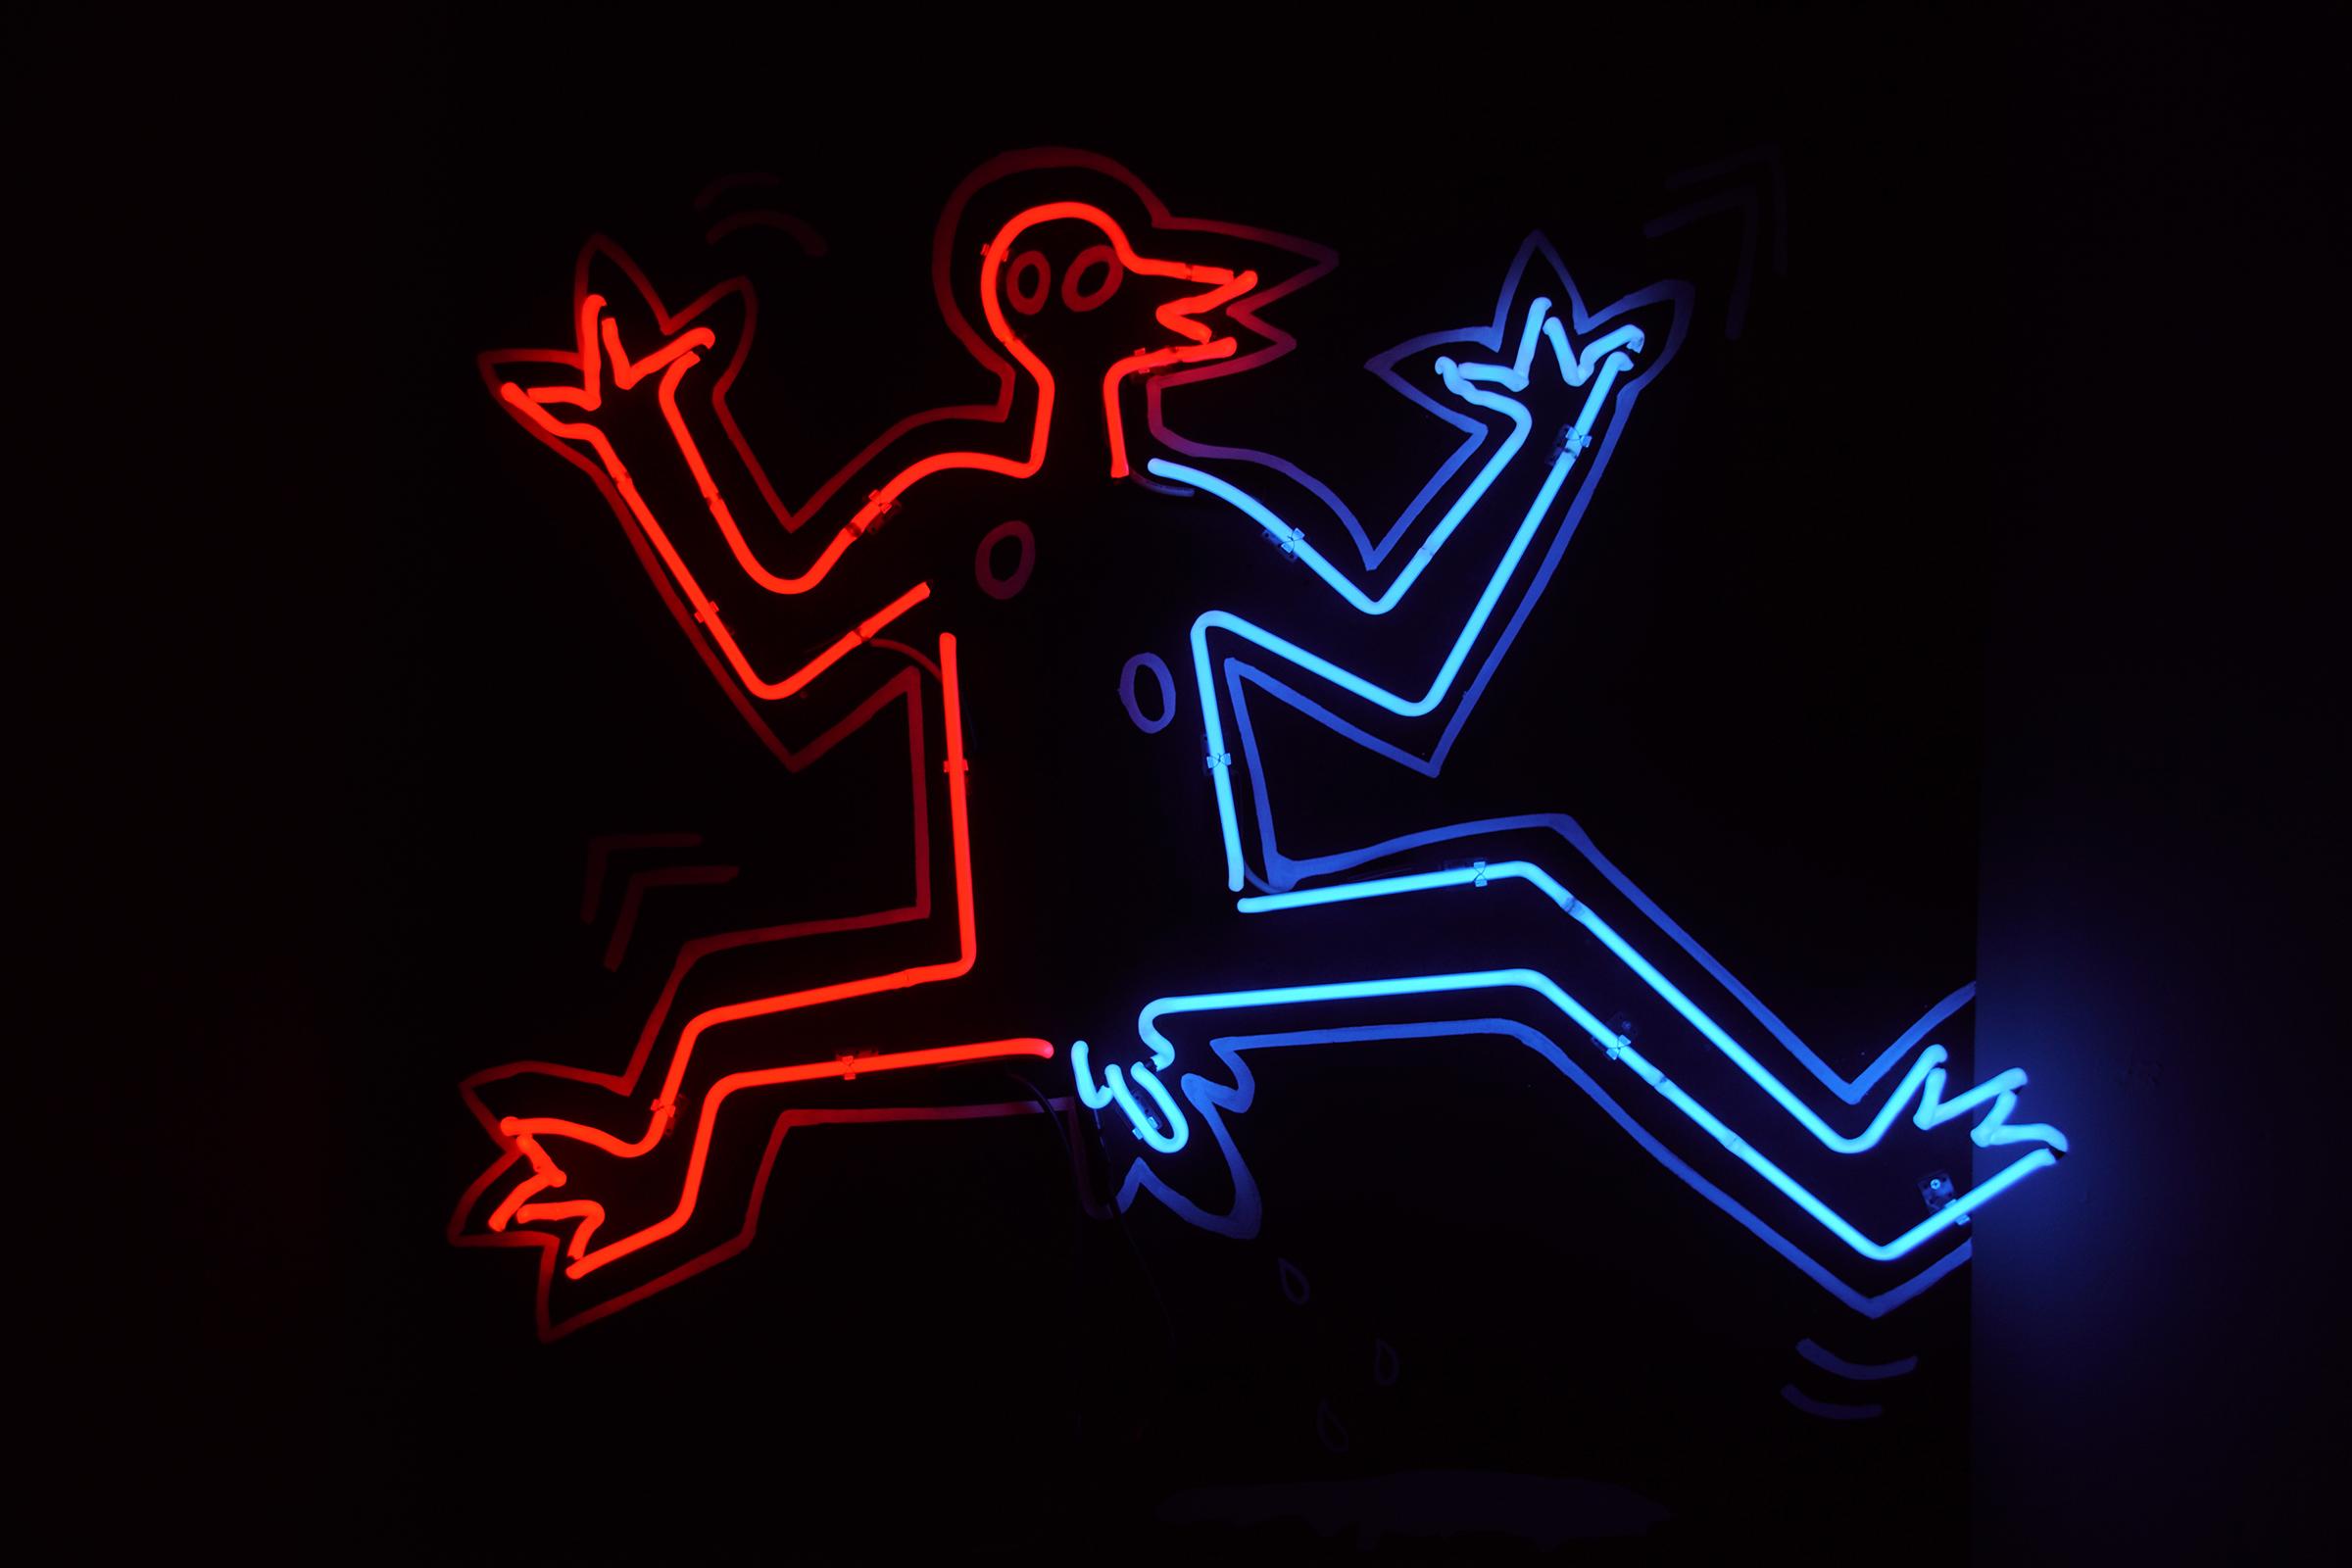 Penguino, neon by Paulina Eguino.